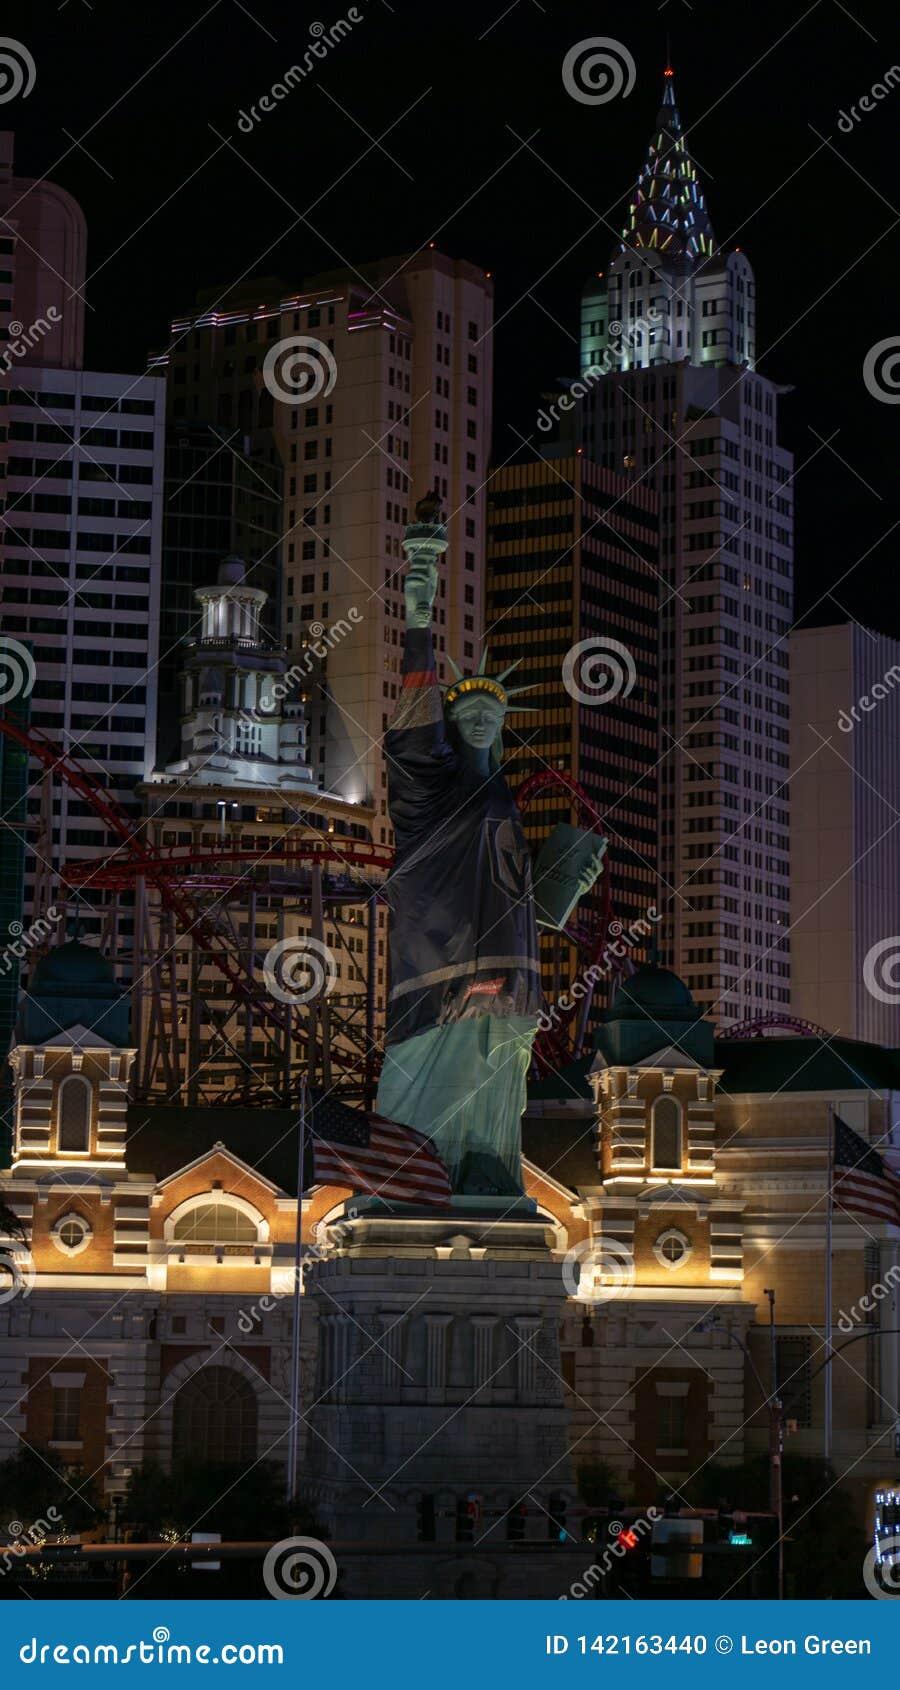 3 de marzo de 2019 - Las Vegas, Nevada - Nueva York, centro turístico de Nueva York y casino